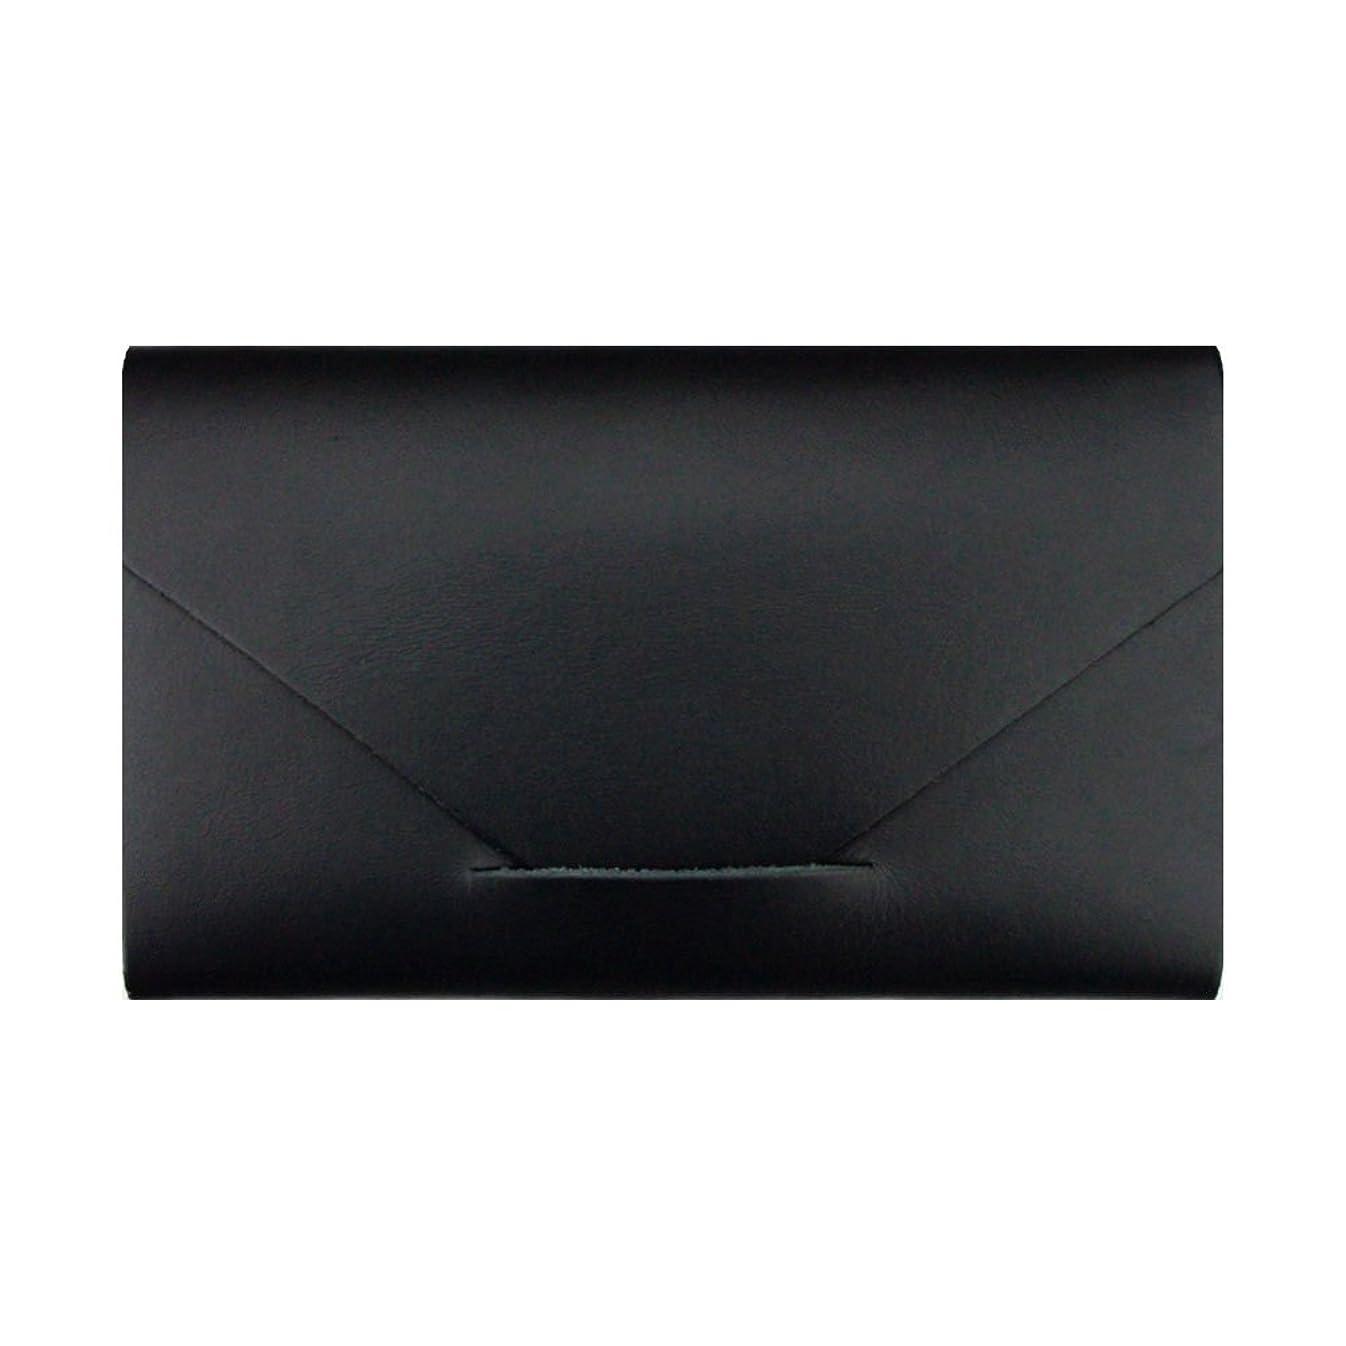 メロドラマラジエーターぴったりMODERN AGE TOKYO 2 カードケース(サシェ3種入) ブラック BLACK CARD CASE モダンエイジトウキョウツー